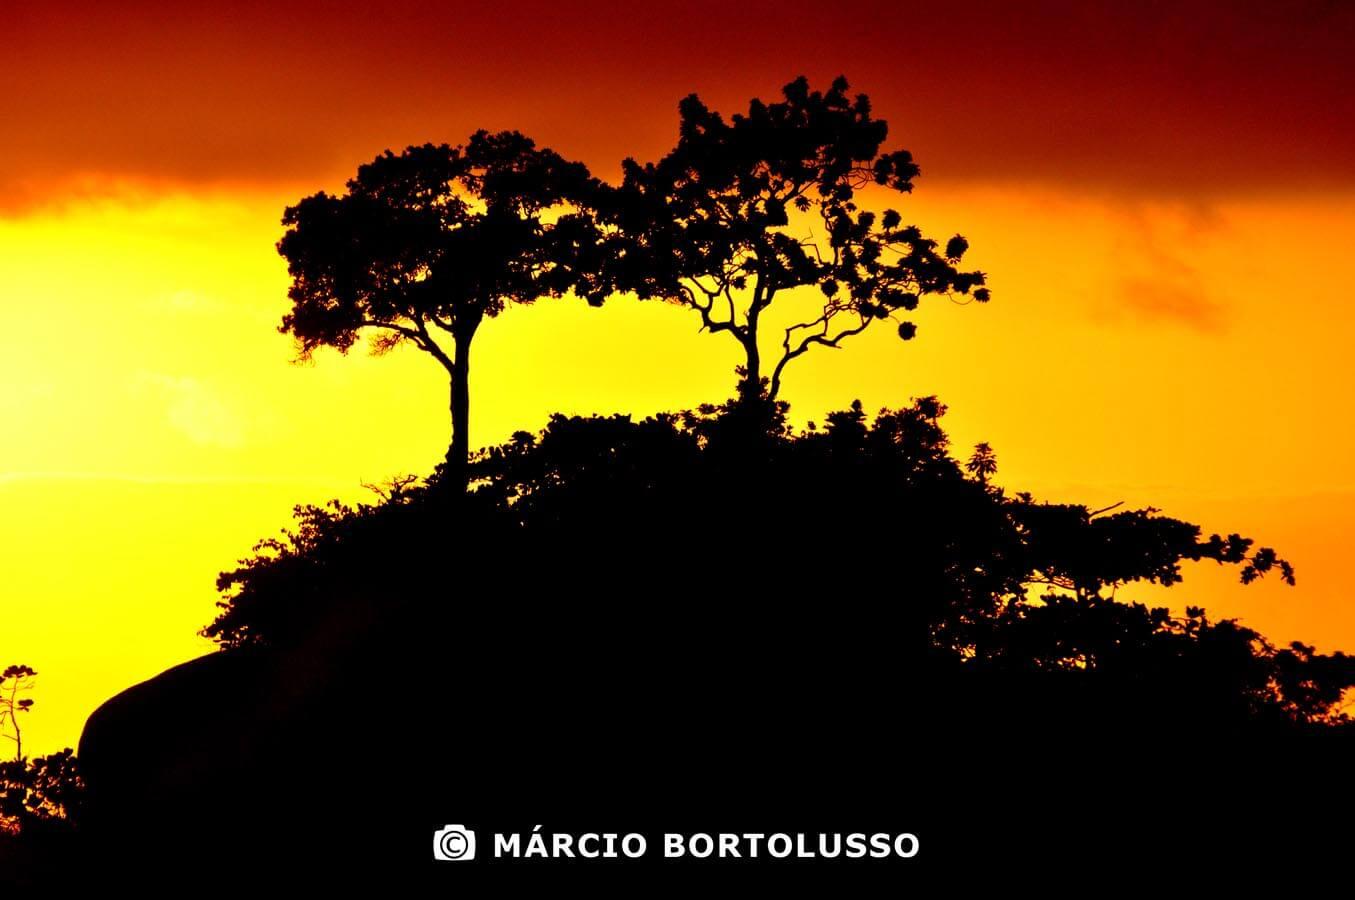 Marcio Bortolusso